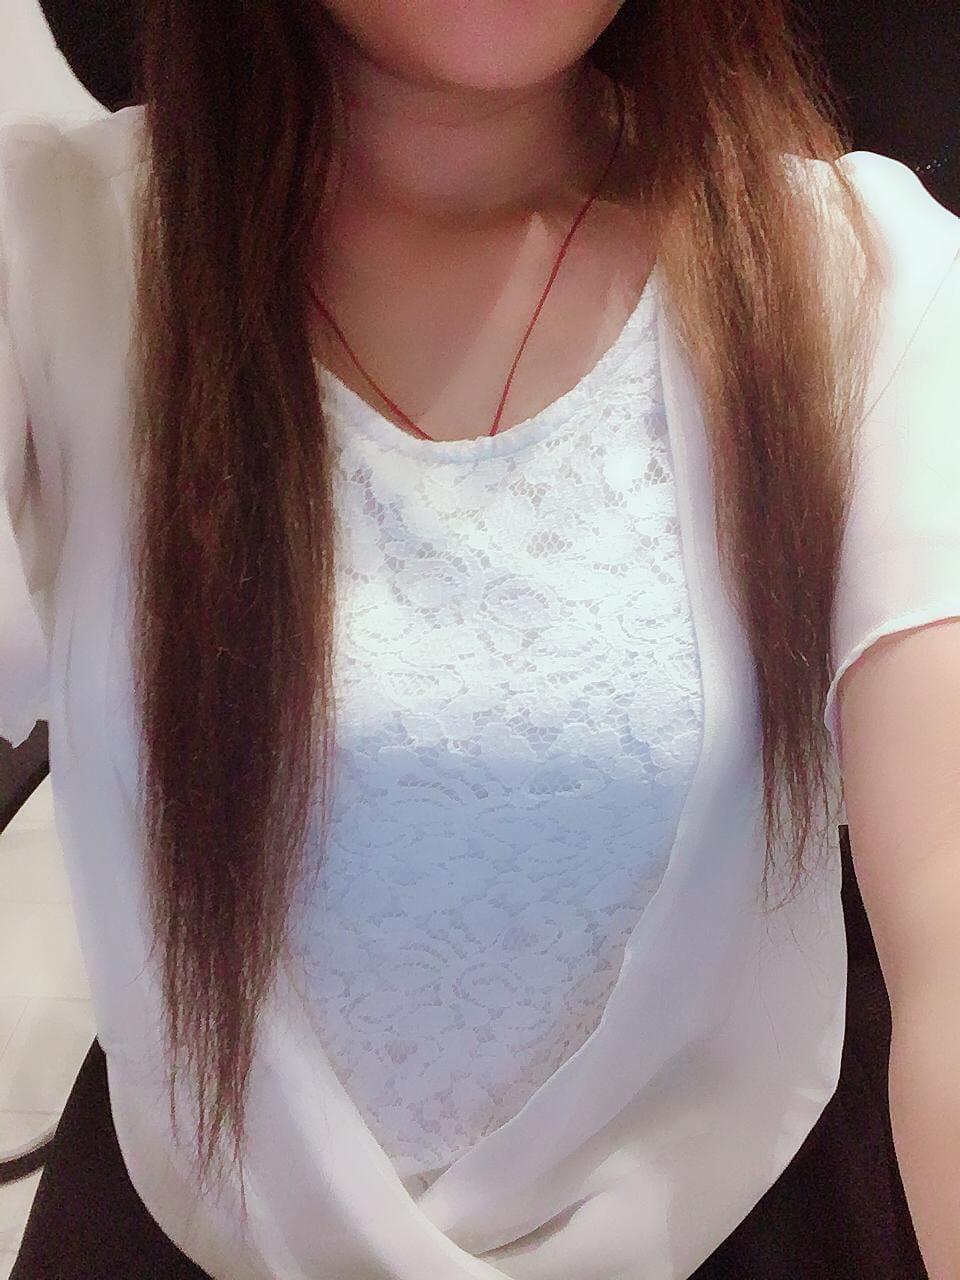 「今日も元気よく(笑)」08/11(08/11) 15:23   紫音の写メ・風俗動画